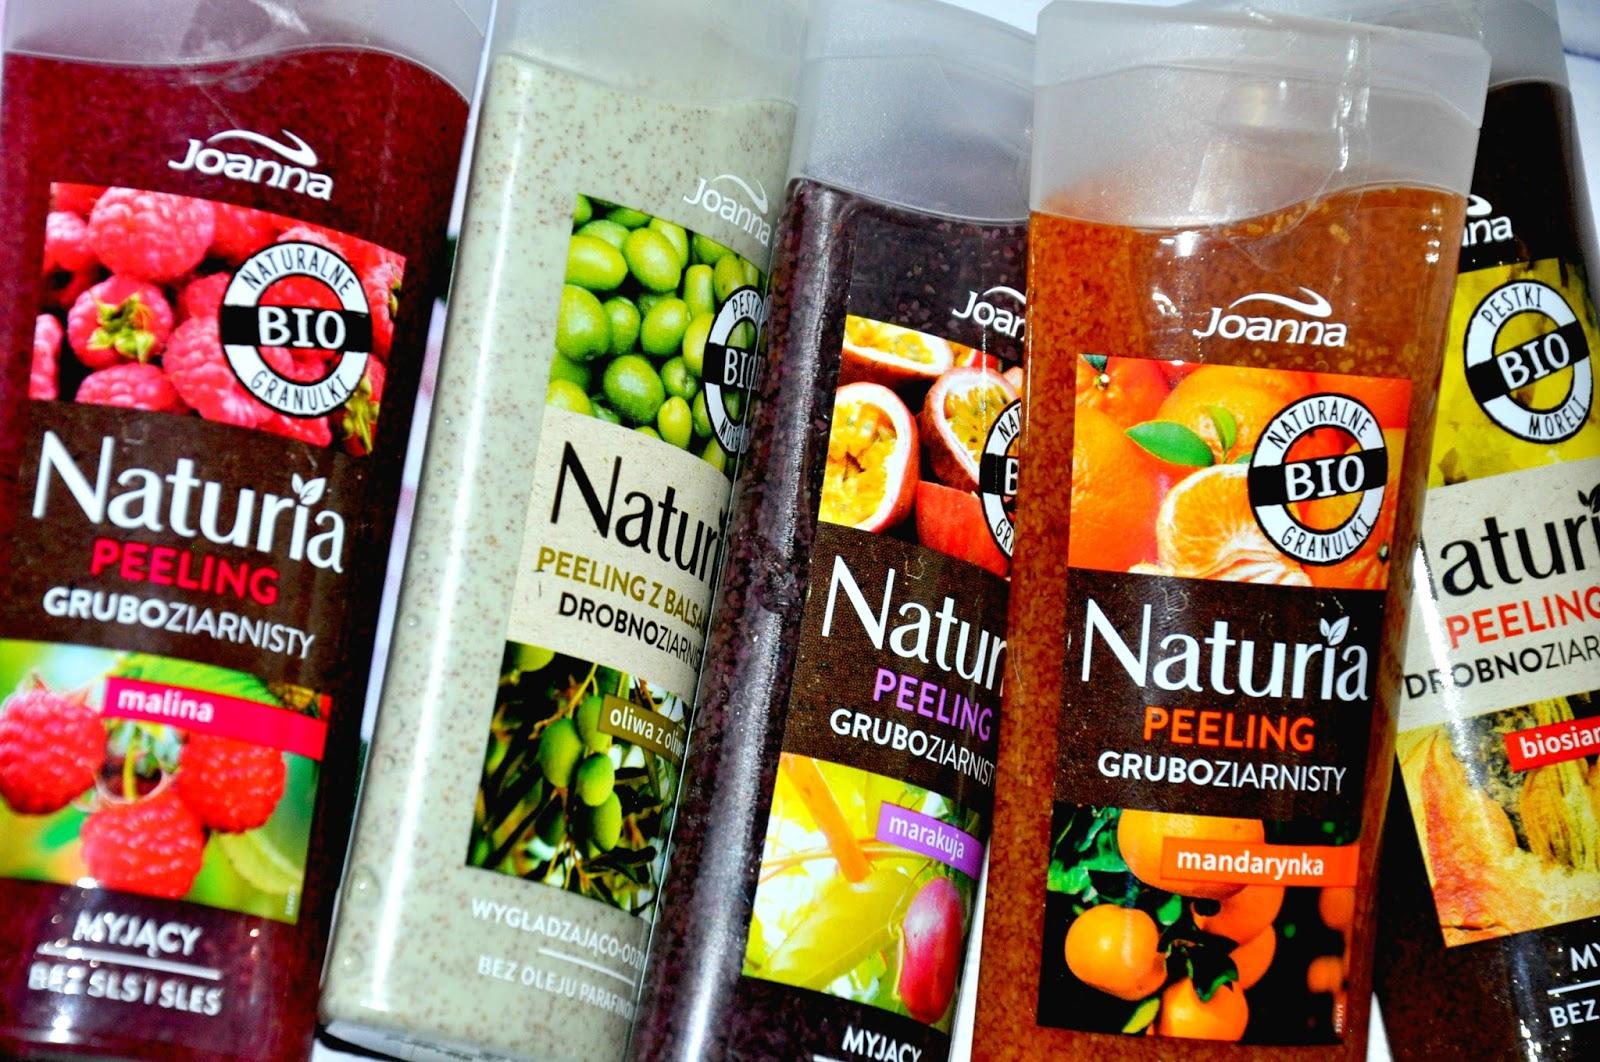 W skład linii wchodzą dwie serie które bazują na naturalnych składnikach, takich jak pestki moreli czy zmielone kolby kukurydzy. Zawarte w nich drobiny są ekologiczne i w pełni biodegradowalne. Seria składa się z pięciu produktów gruboziarnistych oraz pięciu drobnoziarnistych. W skład lini droobnoziarnistej wchodzi: - peeling z balsamem 'oliwa z oliwek' o działaniu wygładzająco - odżywczym, nie zawiera oleju parafinowego - peeling 'biosiarka' o właściwościach myjących, bez SLS i SLES Produkty gruboziarniste: - peeling 'mandarynka' o właściwościach myjących, bez SLS i SLES - peeling 'marakuja' o właściwościach myjących, bez SLS i SLES - peeling 'malina' o właściwościach myjących, bez SLS i SLES